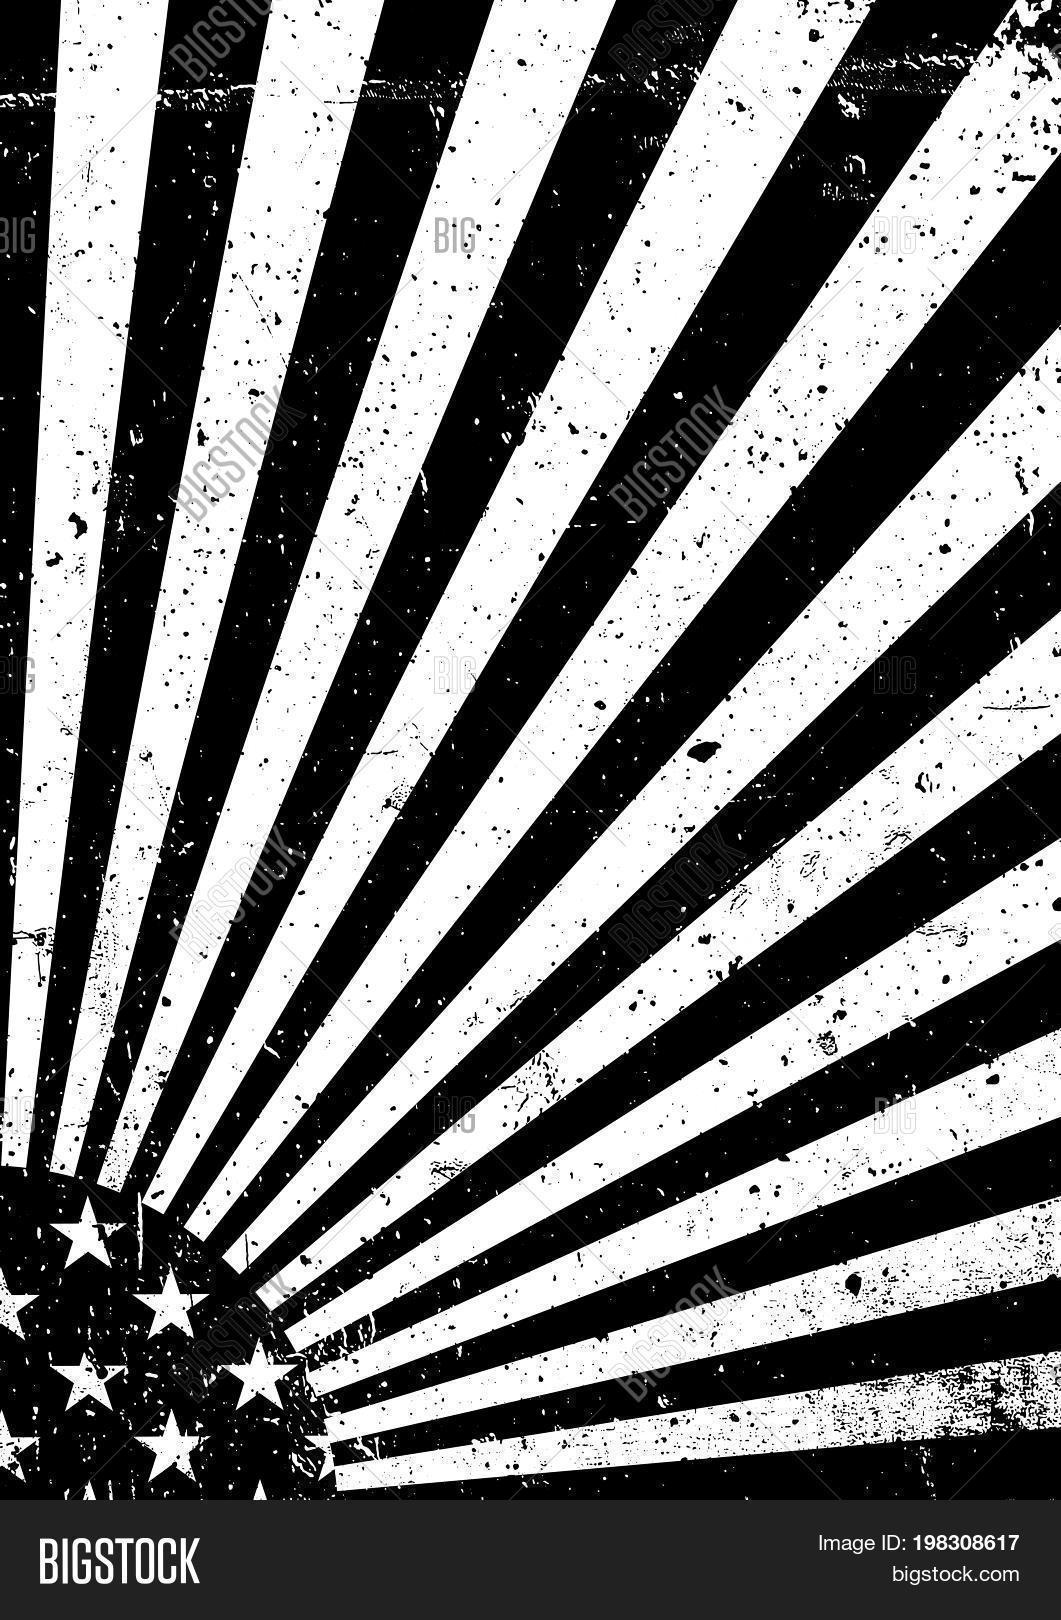 Black White Grunge Image Photo Free Trial Bigstock